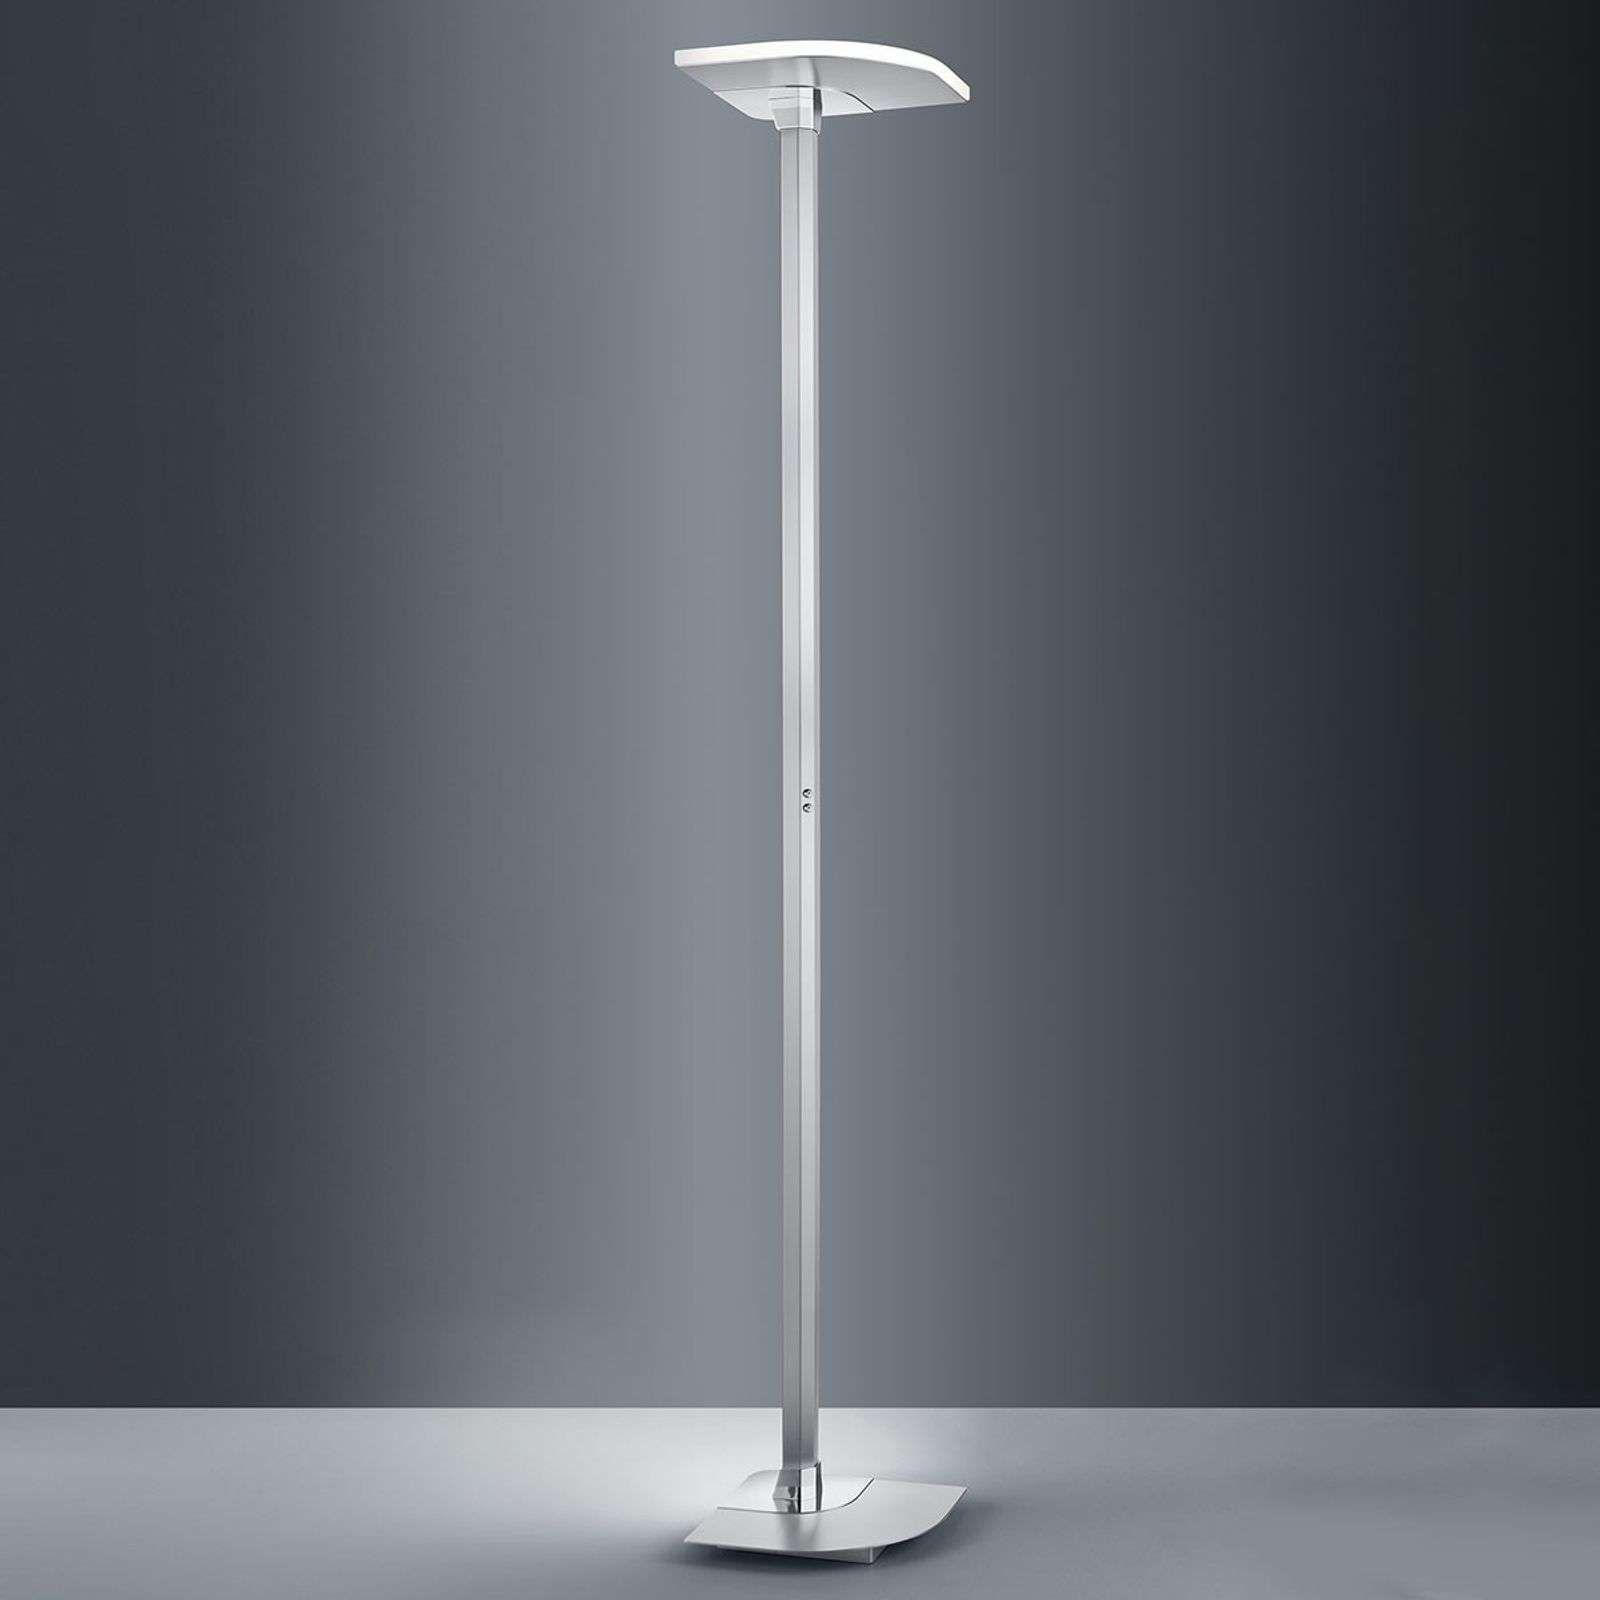 Bankamp Enzo Led Vloerlamp Voor Zigbee Geschikt Zigbee Led En